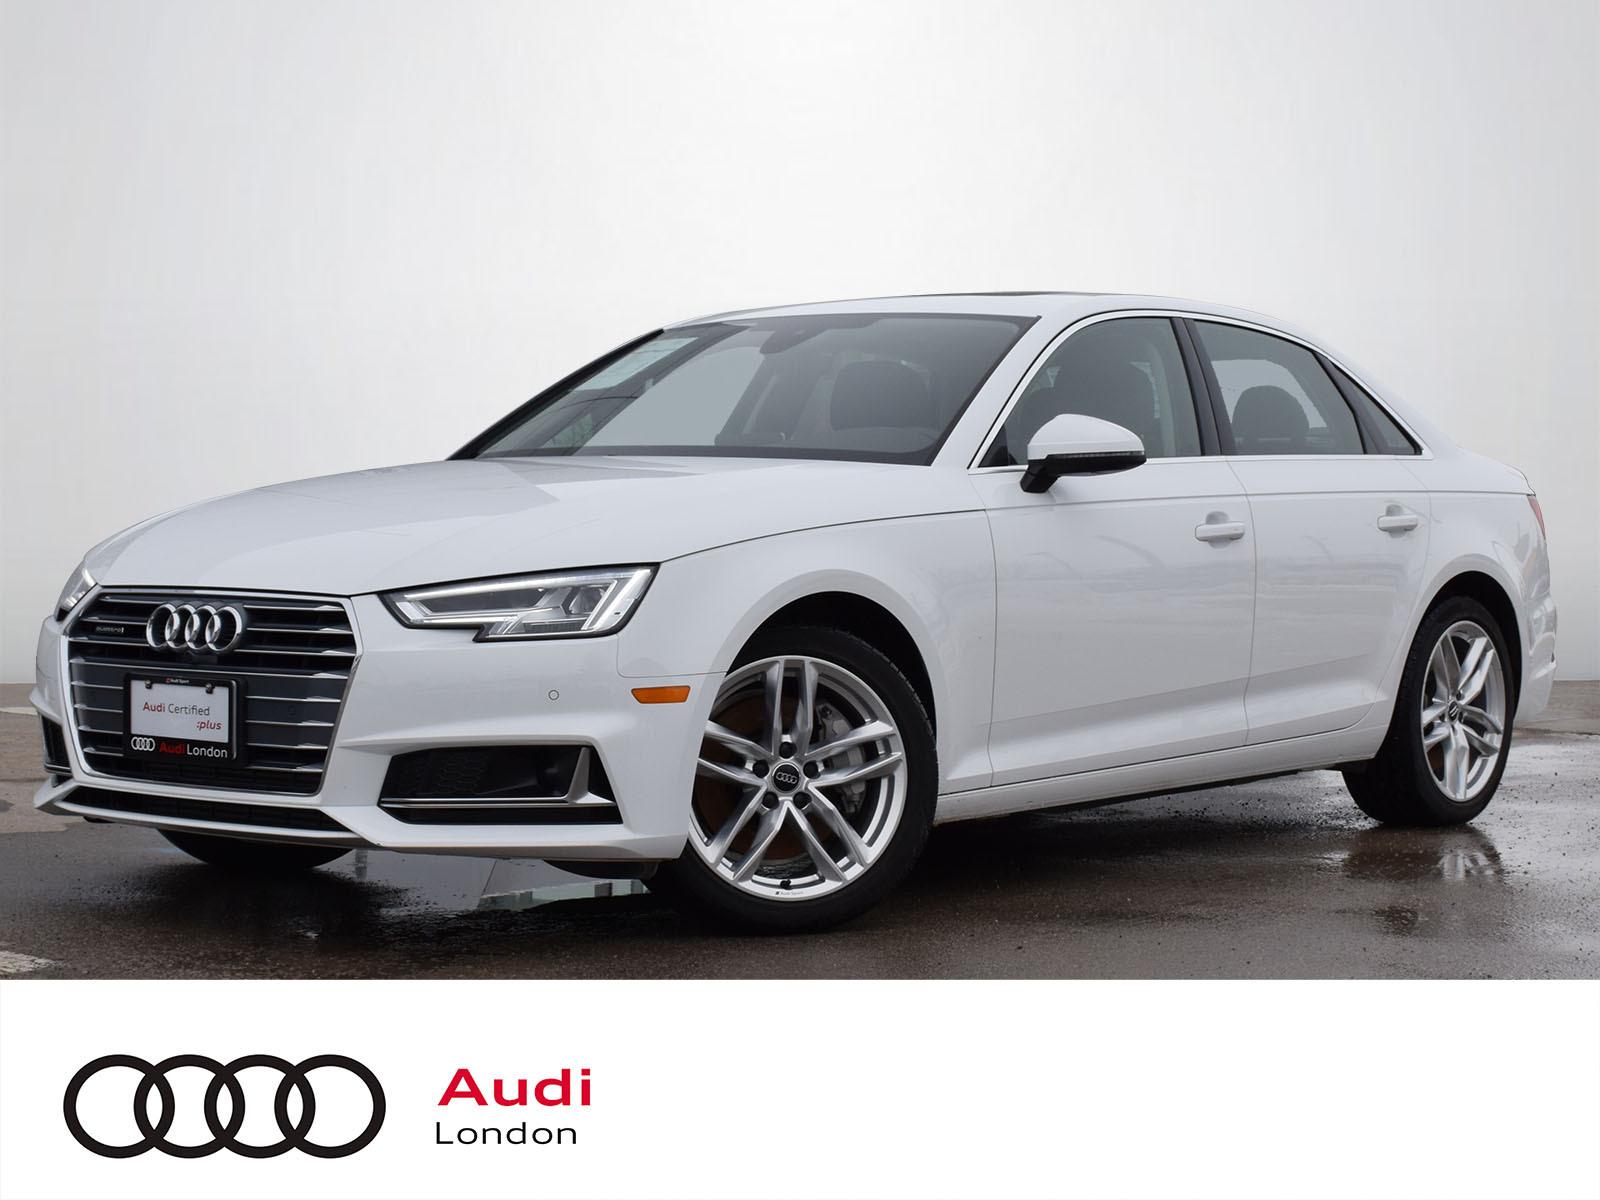 Audi A4 Neuf Et D Occasion A Vendre Autohebdo Net